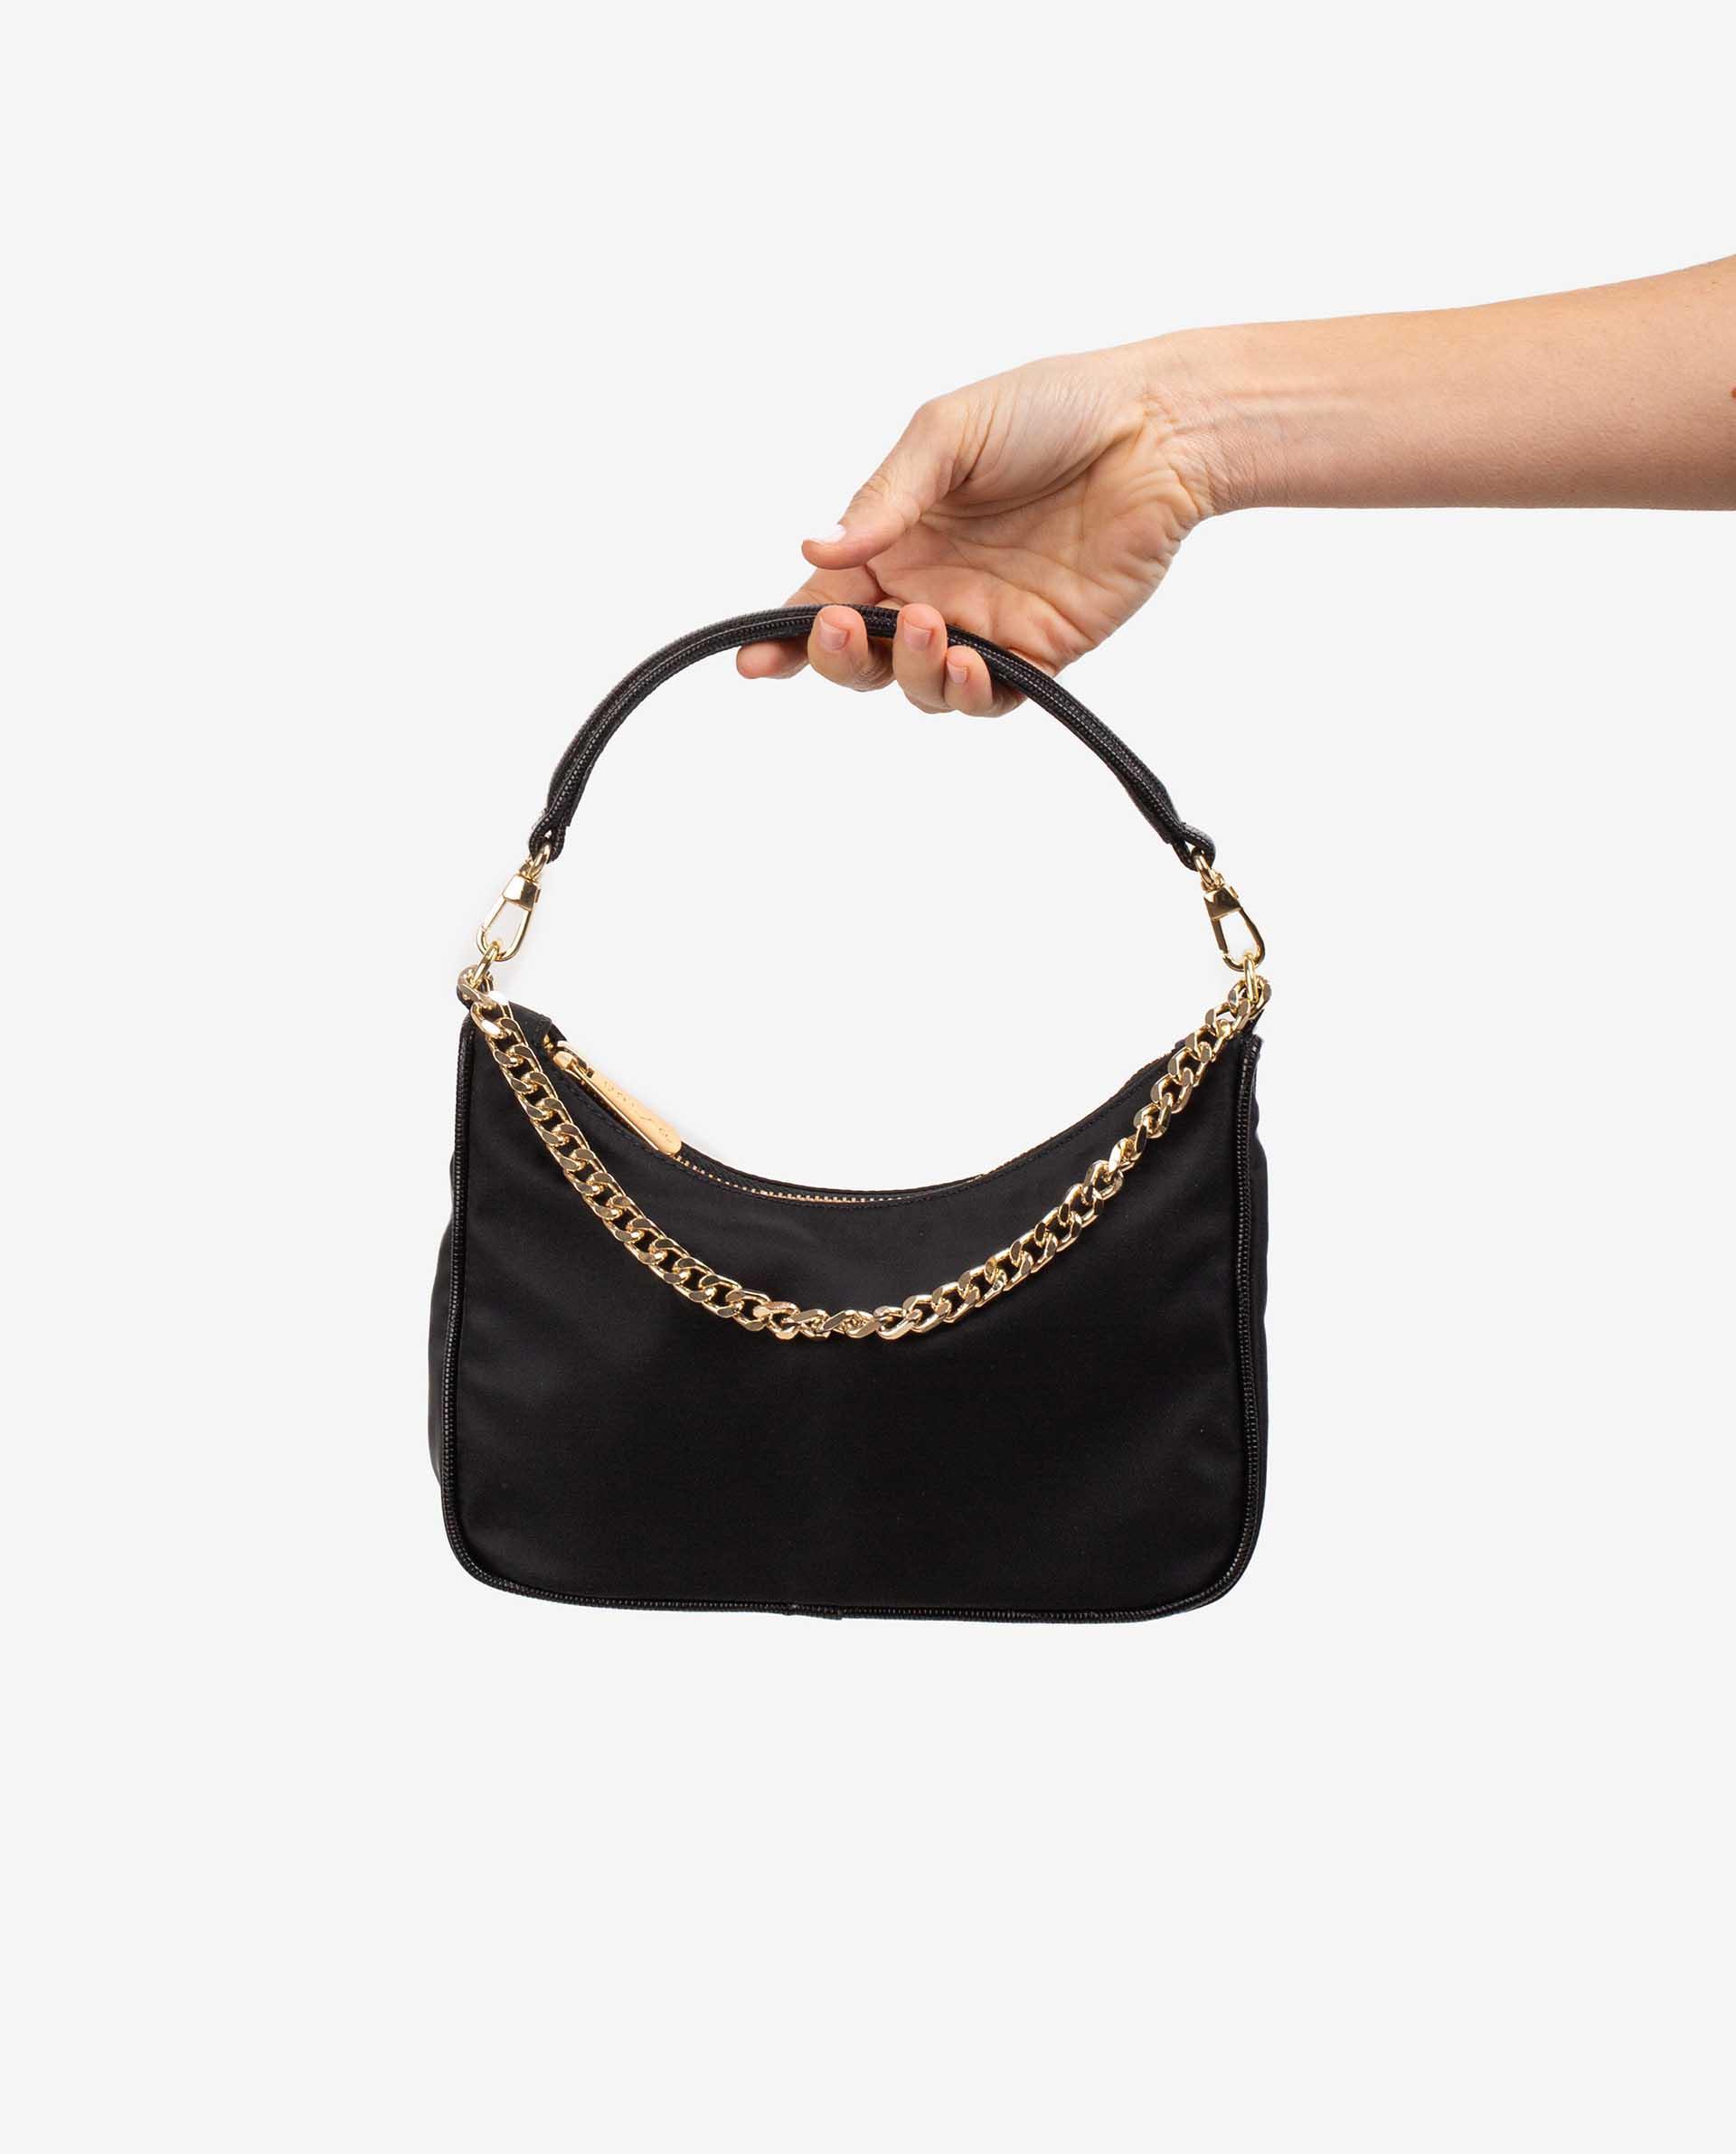 UNISA Tasche aus Materialmix, Nylon und Leder in Kroko-Optik ZCLIO_BUS_BTJ 5